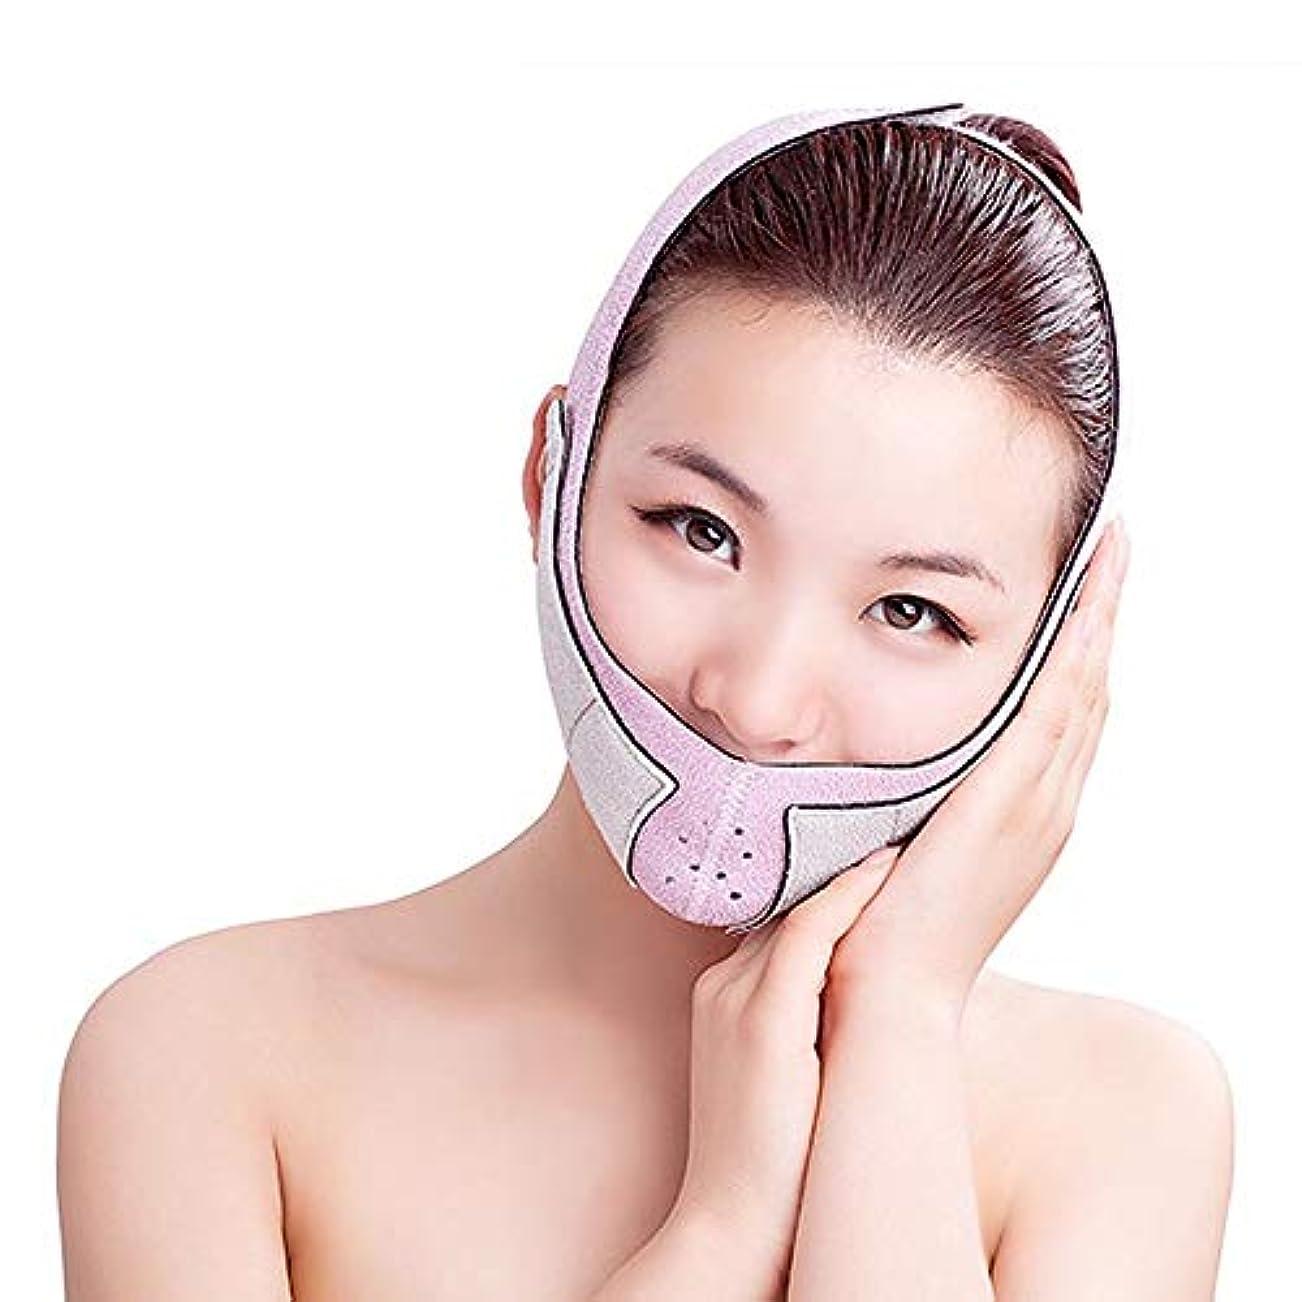 書き込み乱用レーダー薄い顔のベルト - 薄い顔のベルト通気性の補正3D薄い顔のV顔のベルトの包帯薄い顔のアーティファクト (色 : B)